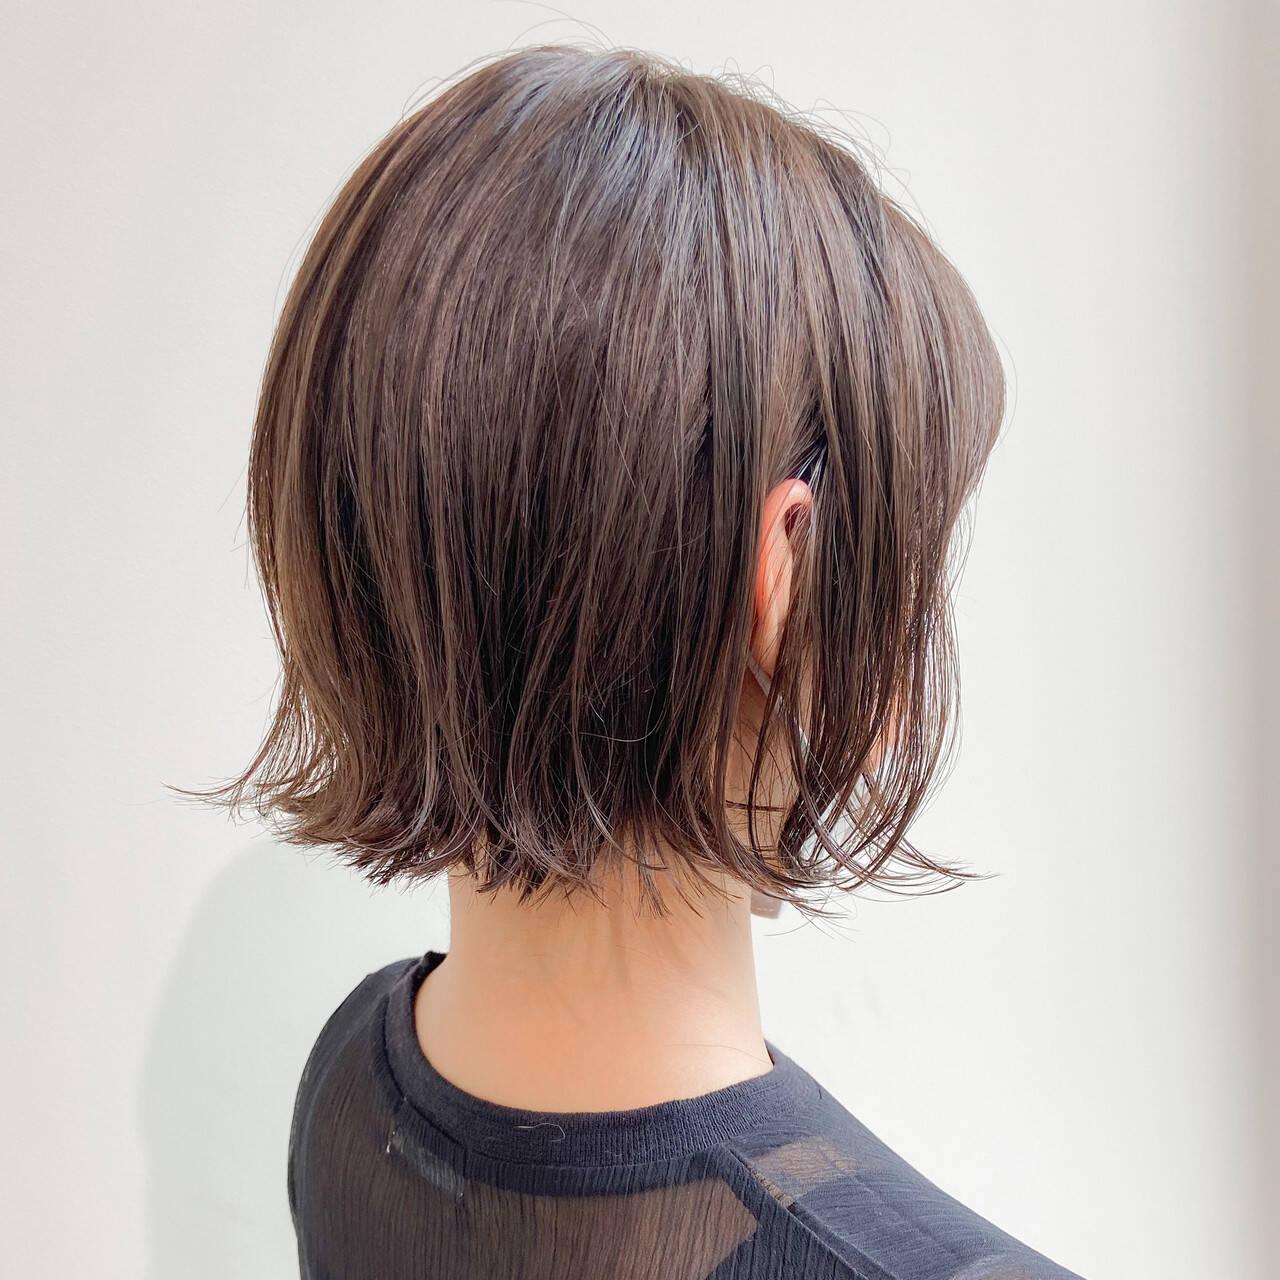 外ハネボブ ボブ ミルクティーベージュ ゆるふわパーマヘアスタイルや髪型の写真・画像